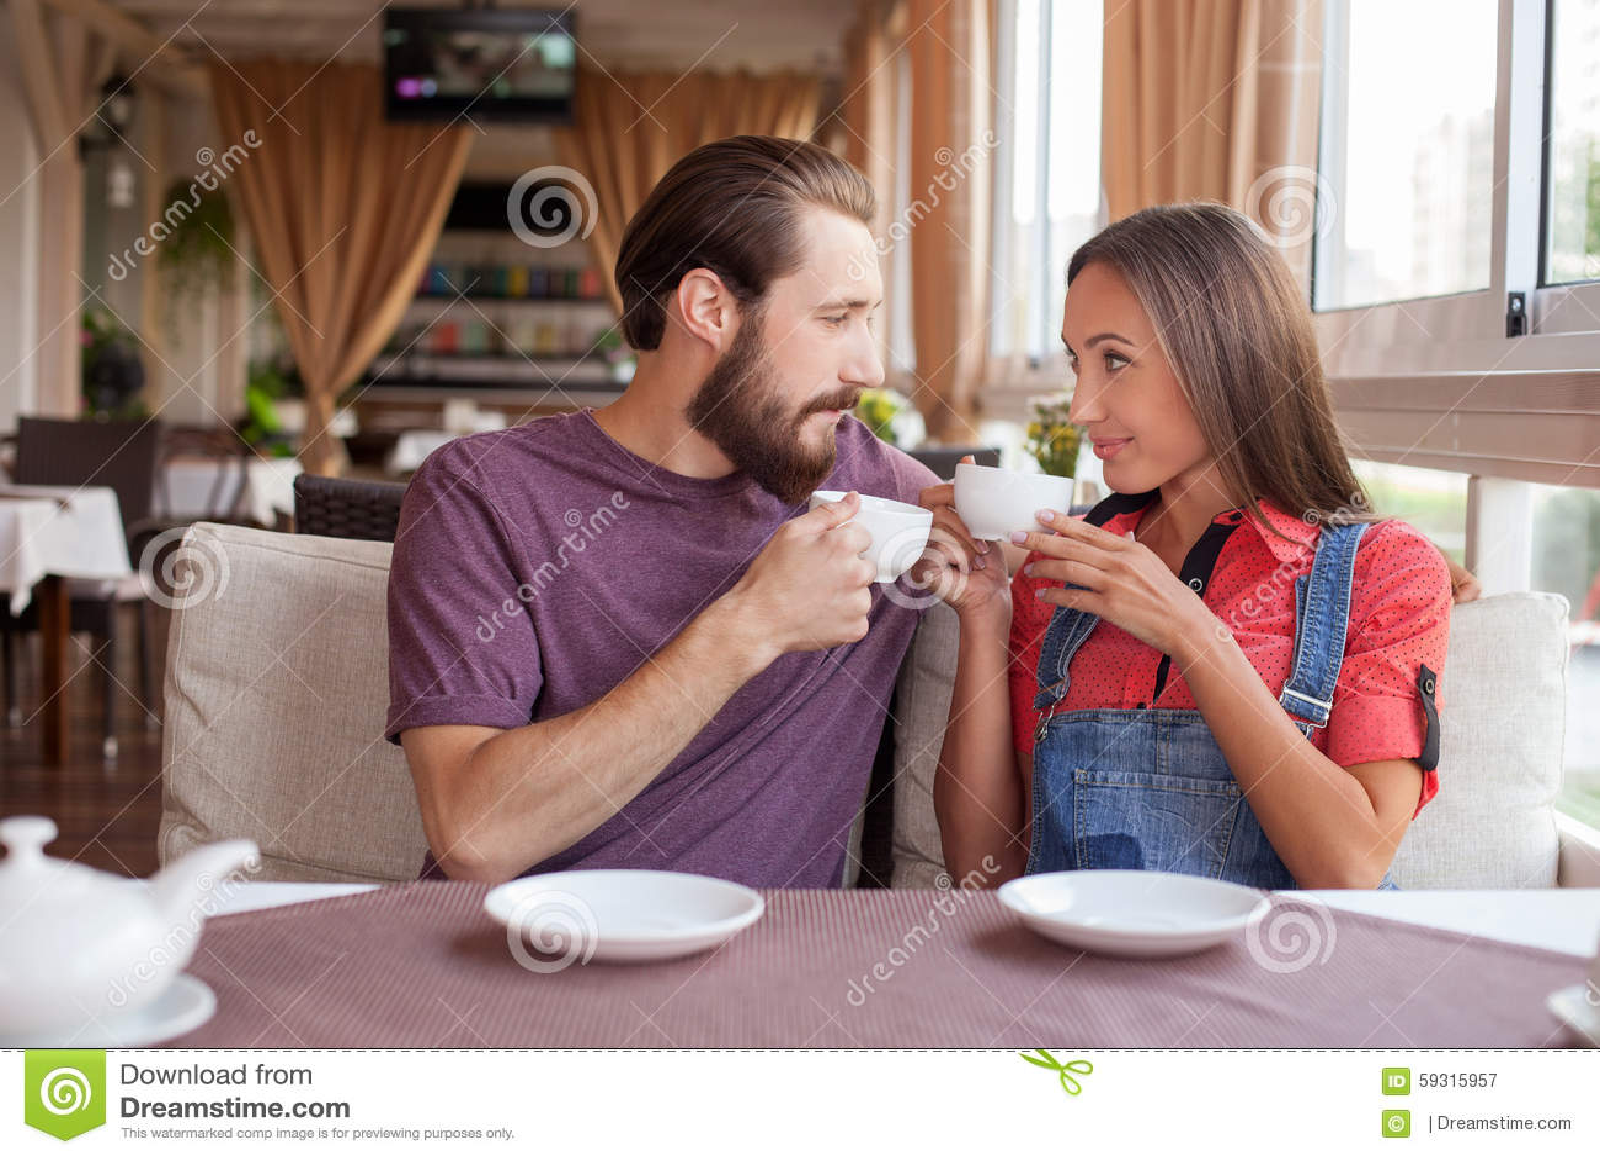 Weed olla hyvä yhdessä dating site